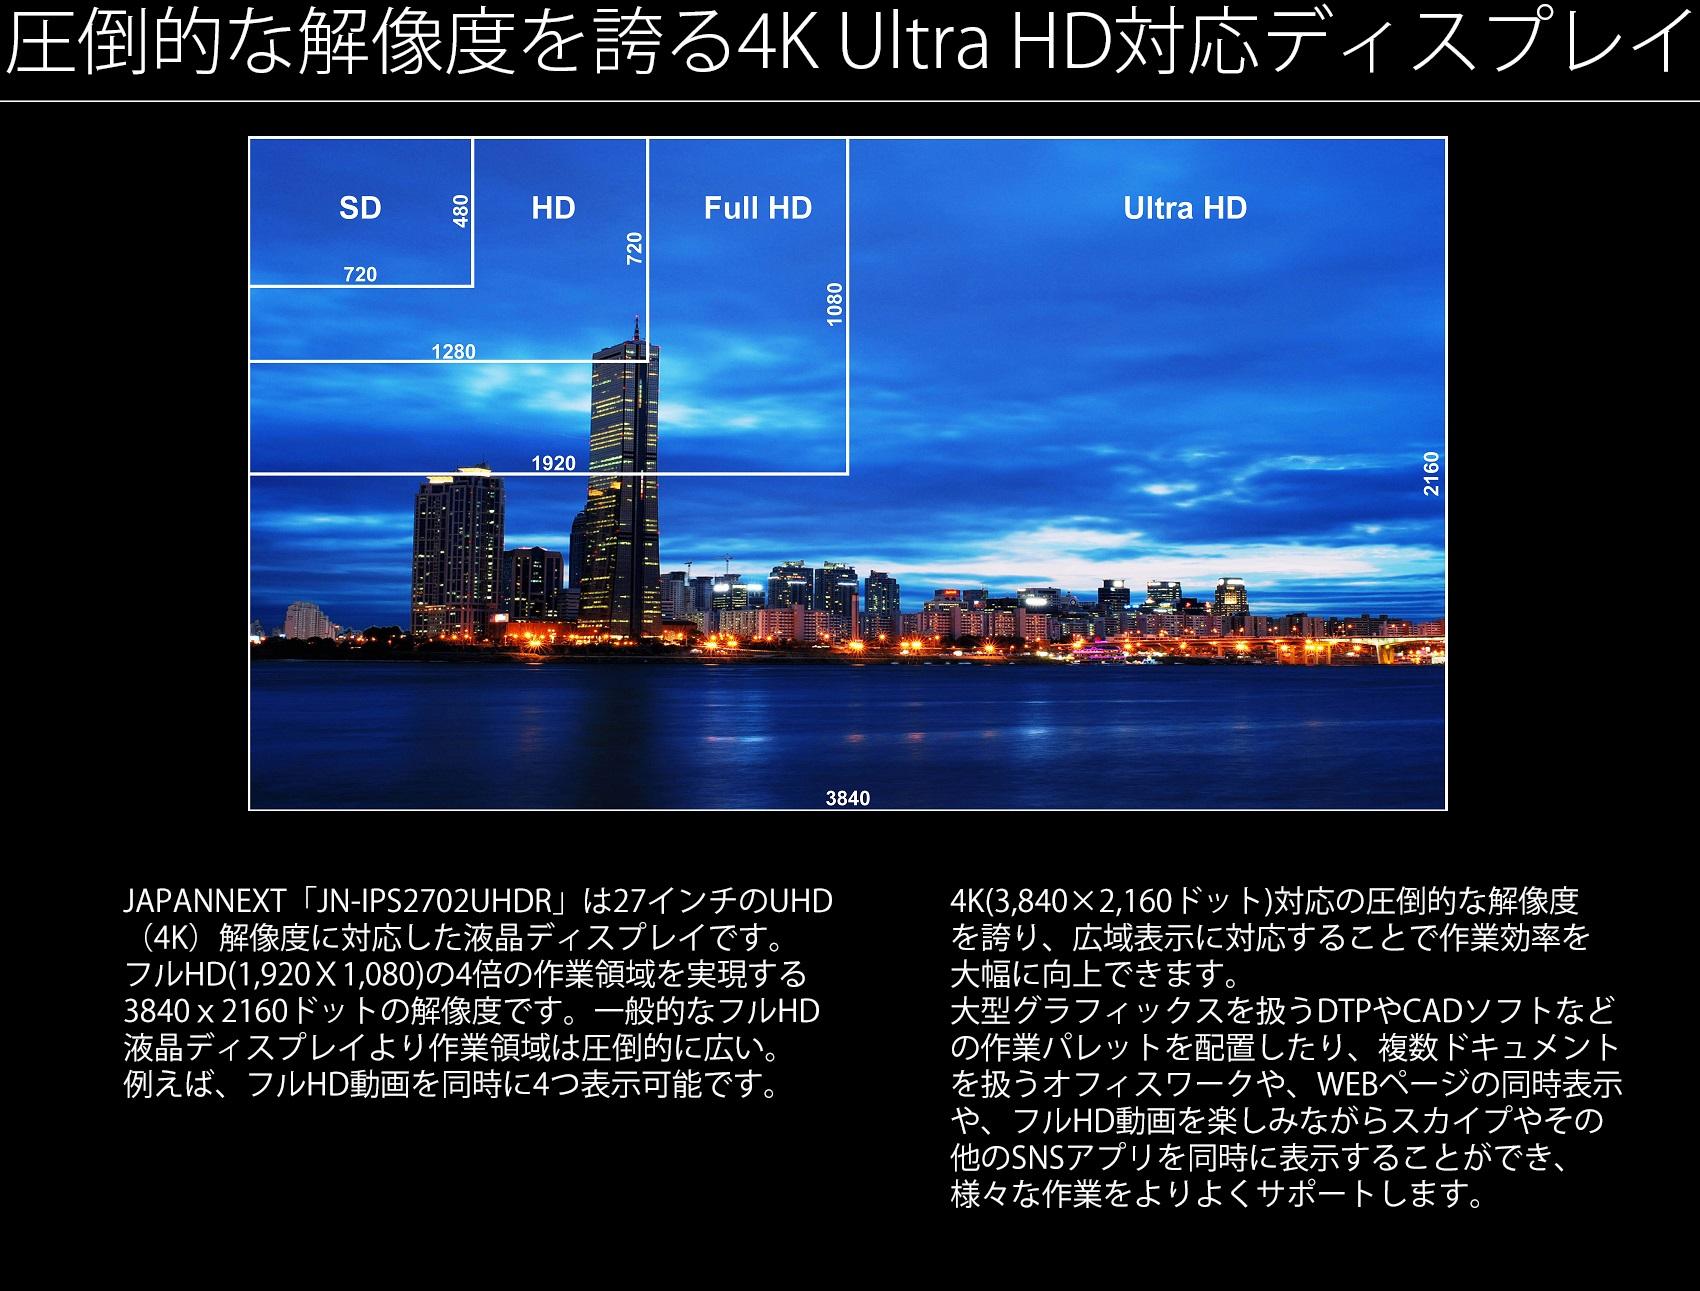 (4K)解像度に対応した液晶ディスプレイです。 フルHD(1,920×1,080)の4倍の作業領域を実現する 3840x2160ドットの解像度です。一般的なフルHD 液晶ディスプレイより作業領域は圧倒的に広い。 例えば、フルHD動画を同時に4つ表示可能です。 4K(3,840×2,160ドット)対応の圧倒的な解像度 を誇り、広域表示に対応することで作業効率を 大幅に向上できます。 大型グラフィックスを扱うDTPやCADソフトなど の作業パレットを配置したり、複数ドキュメント を扱うオフィスワークや、WEBページの同時表示 や、フルHD動画を楽しみながらスカイプやその 他のSNSアプリを同時に表示することができ、 様々な作業をよりよくサポートします。